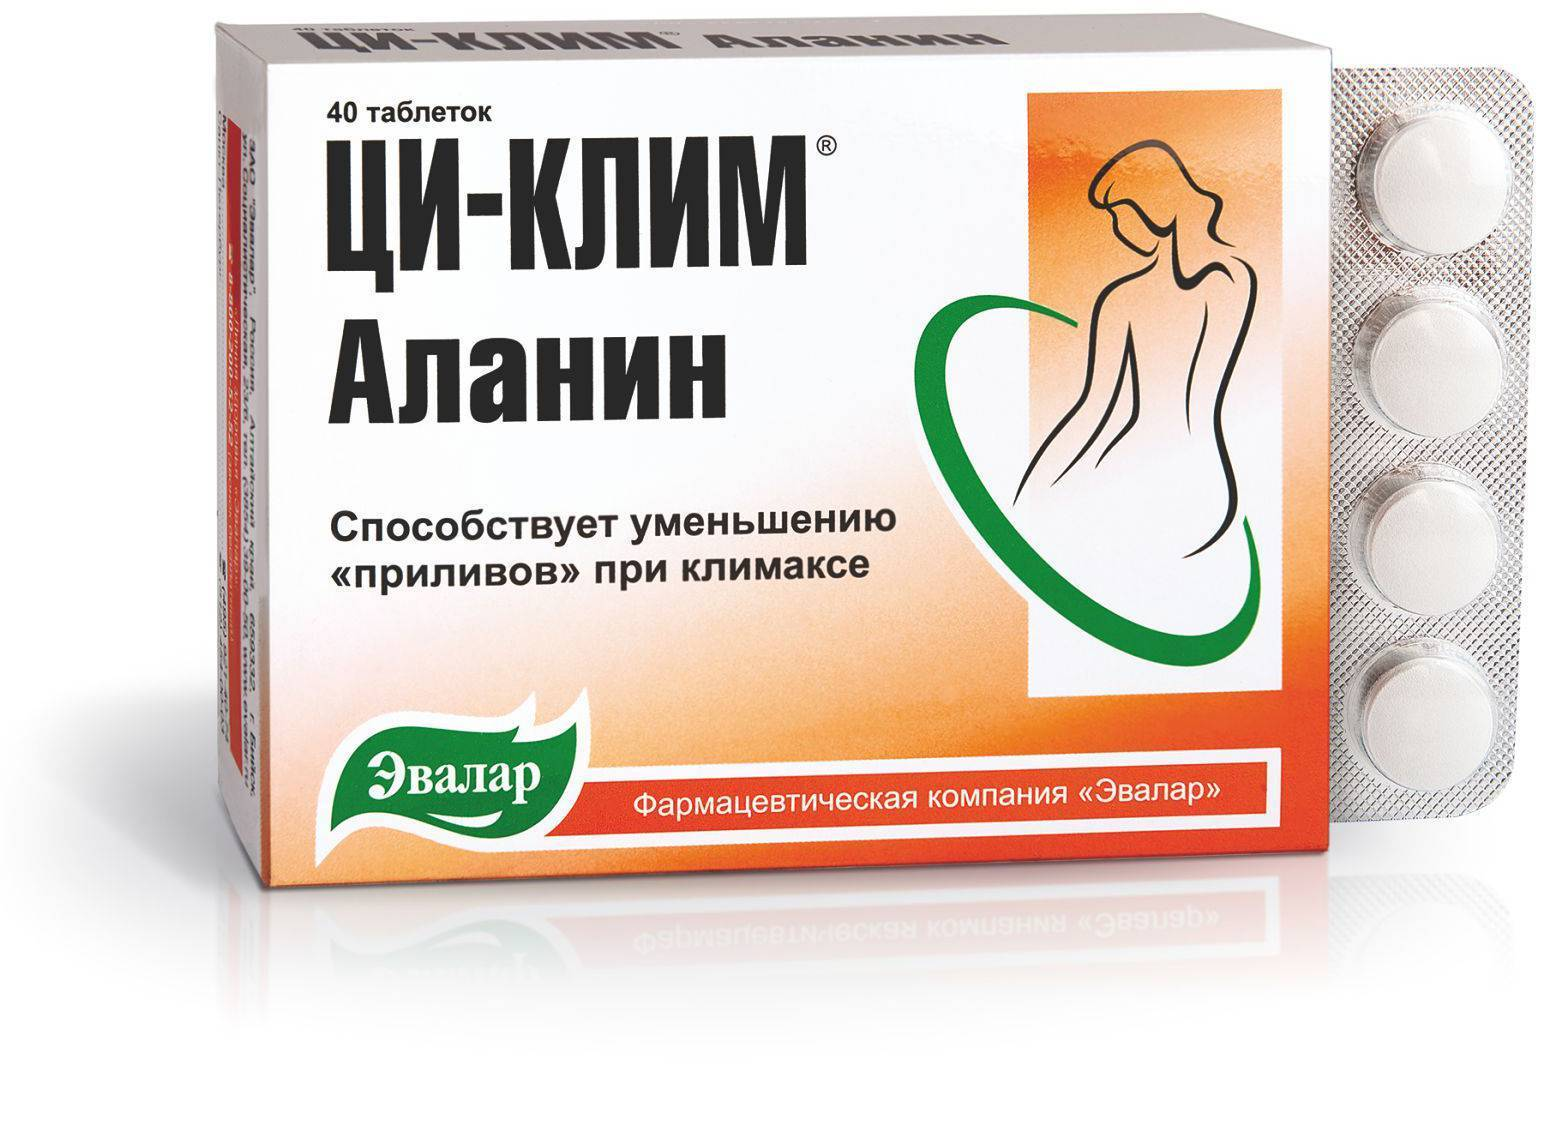 Витамины для женского здоровья, или как восстановить менструальный цикл. таблетки для нормализации менструационного цикла по типу нарушения. рацион питания во время витаминотерапии